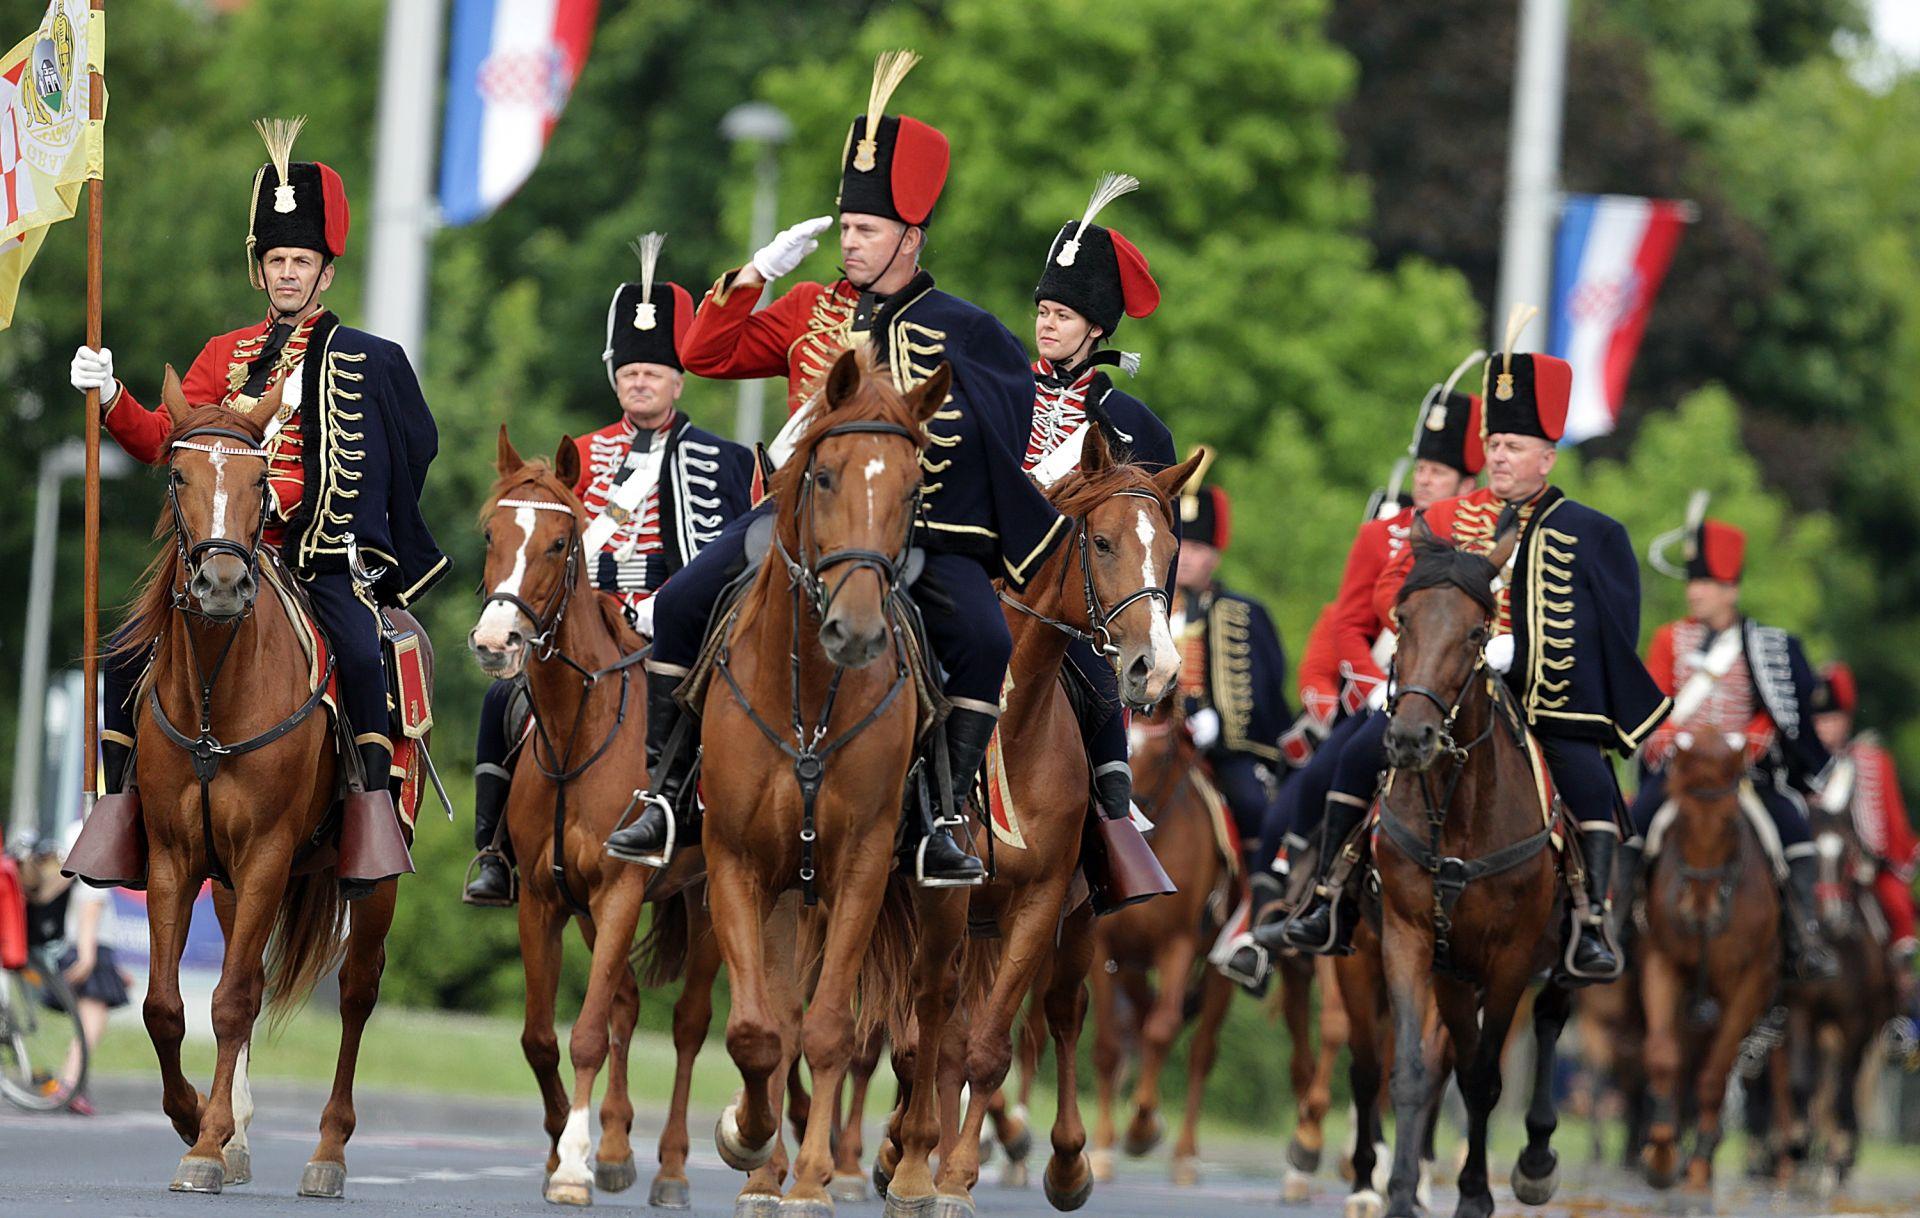 OBLJETNICA OLUJE Uz Dan pobjede, konjički maraton u Popovači